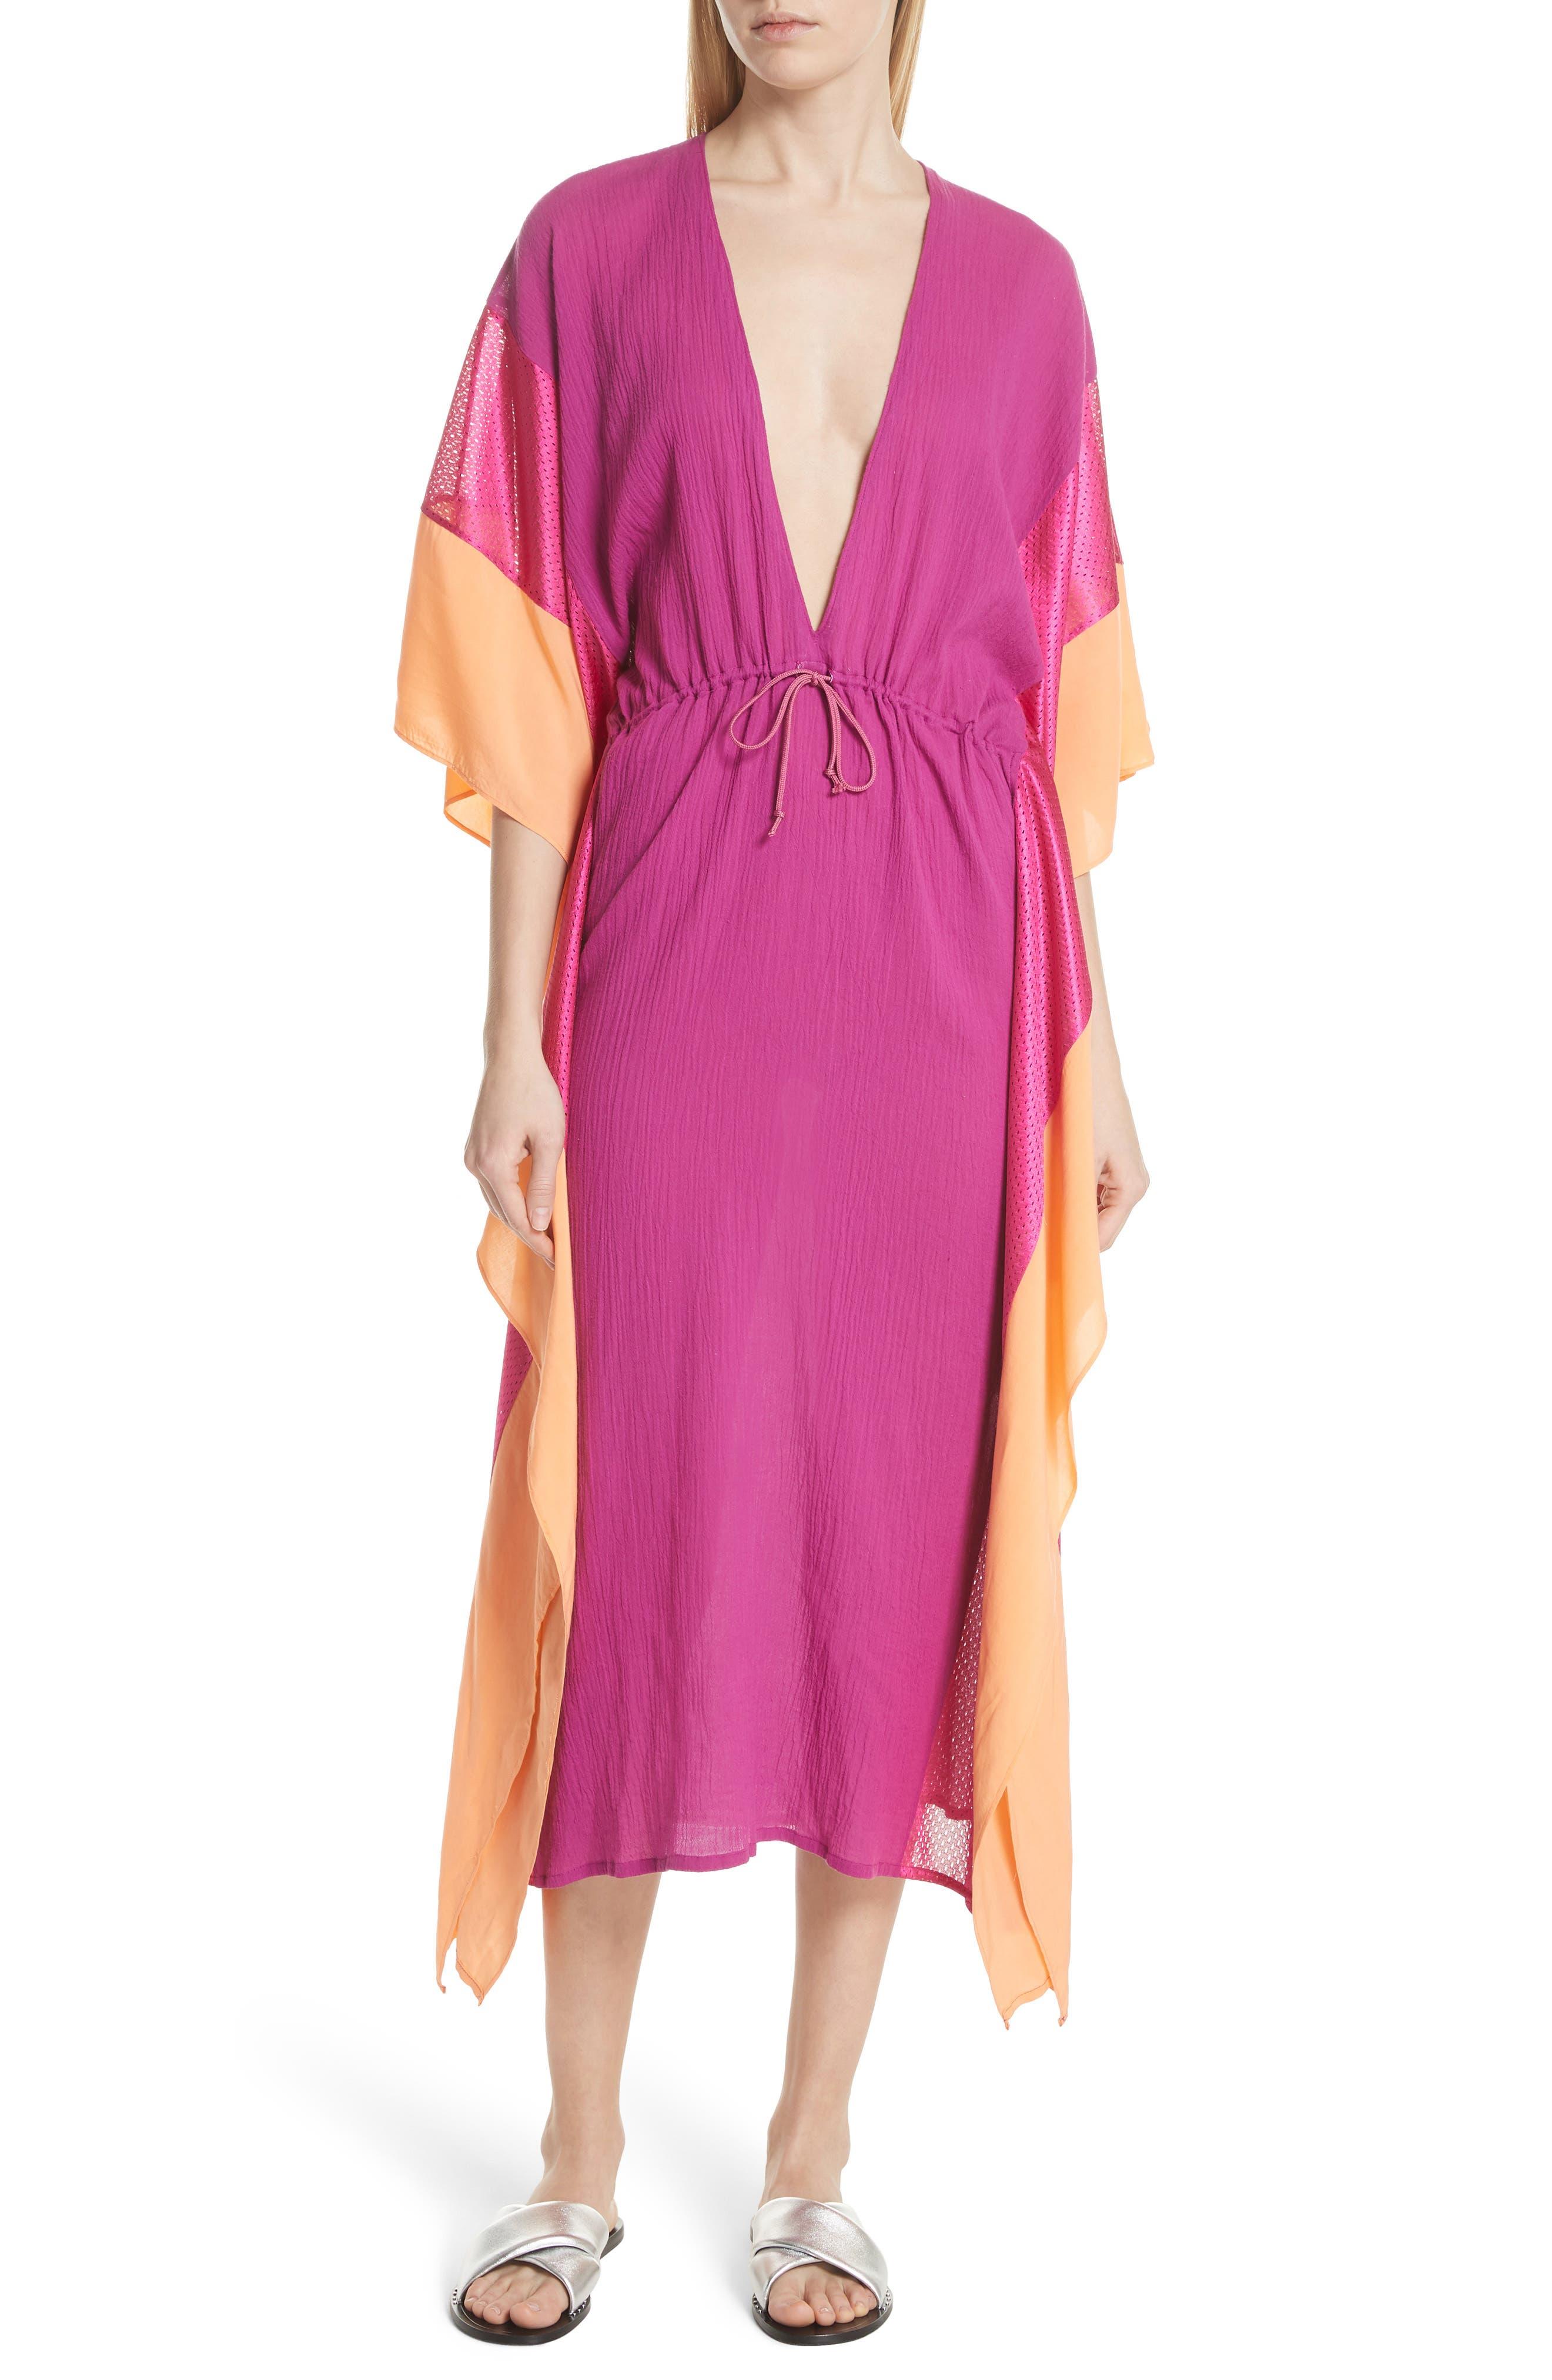 Sun Dance Caftan Dress,                             Main thumbnail 1, color,                             Magenta/ Orange